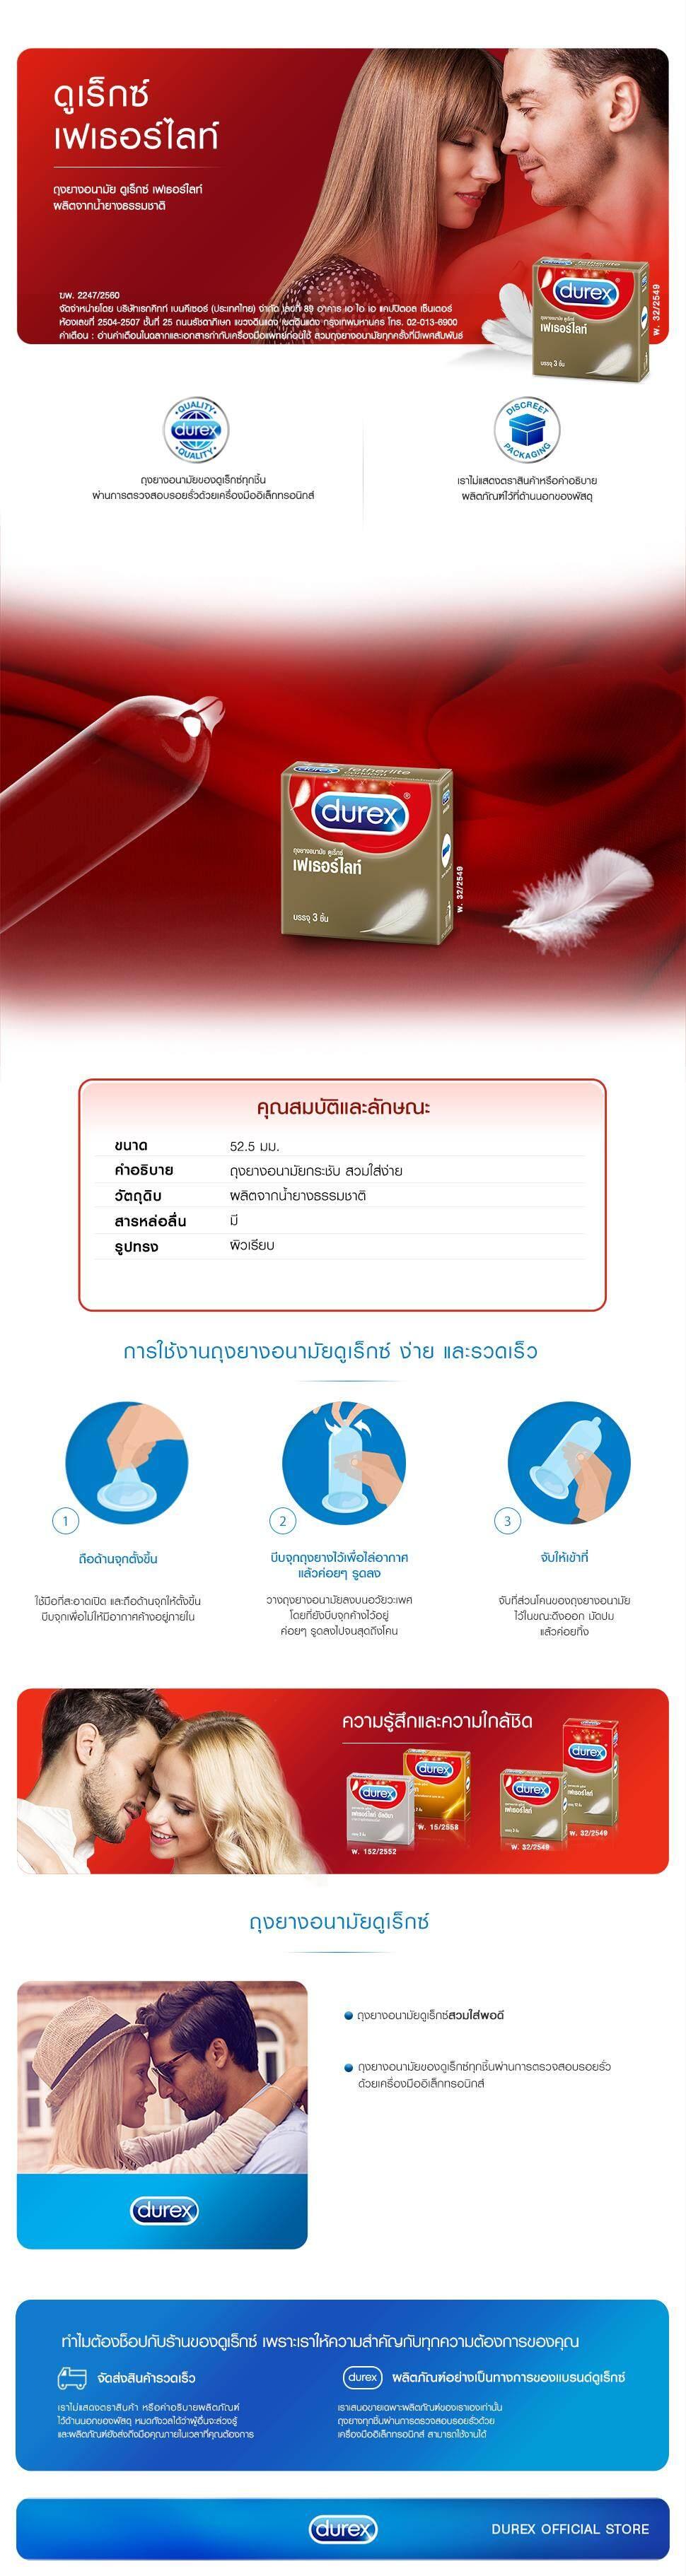 Durex-Fetherlite-3.jpg